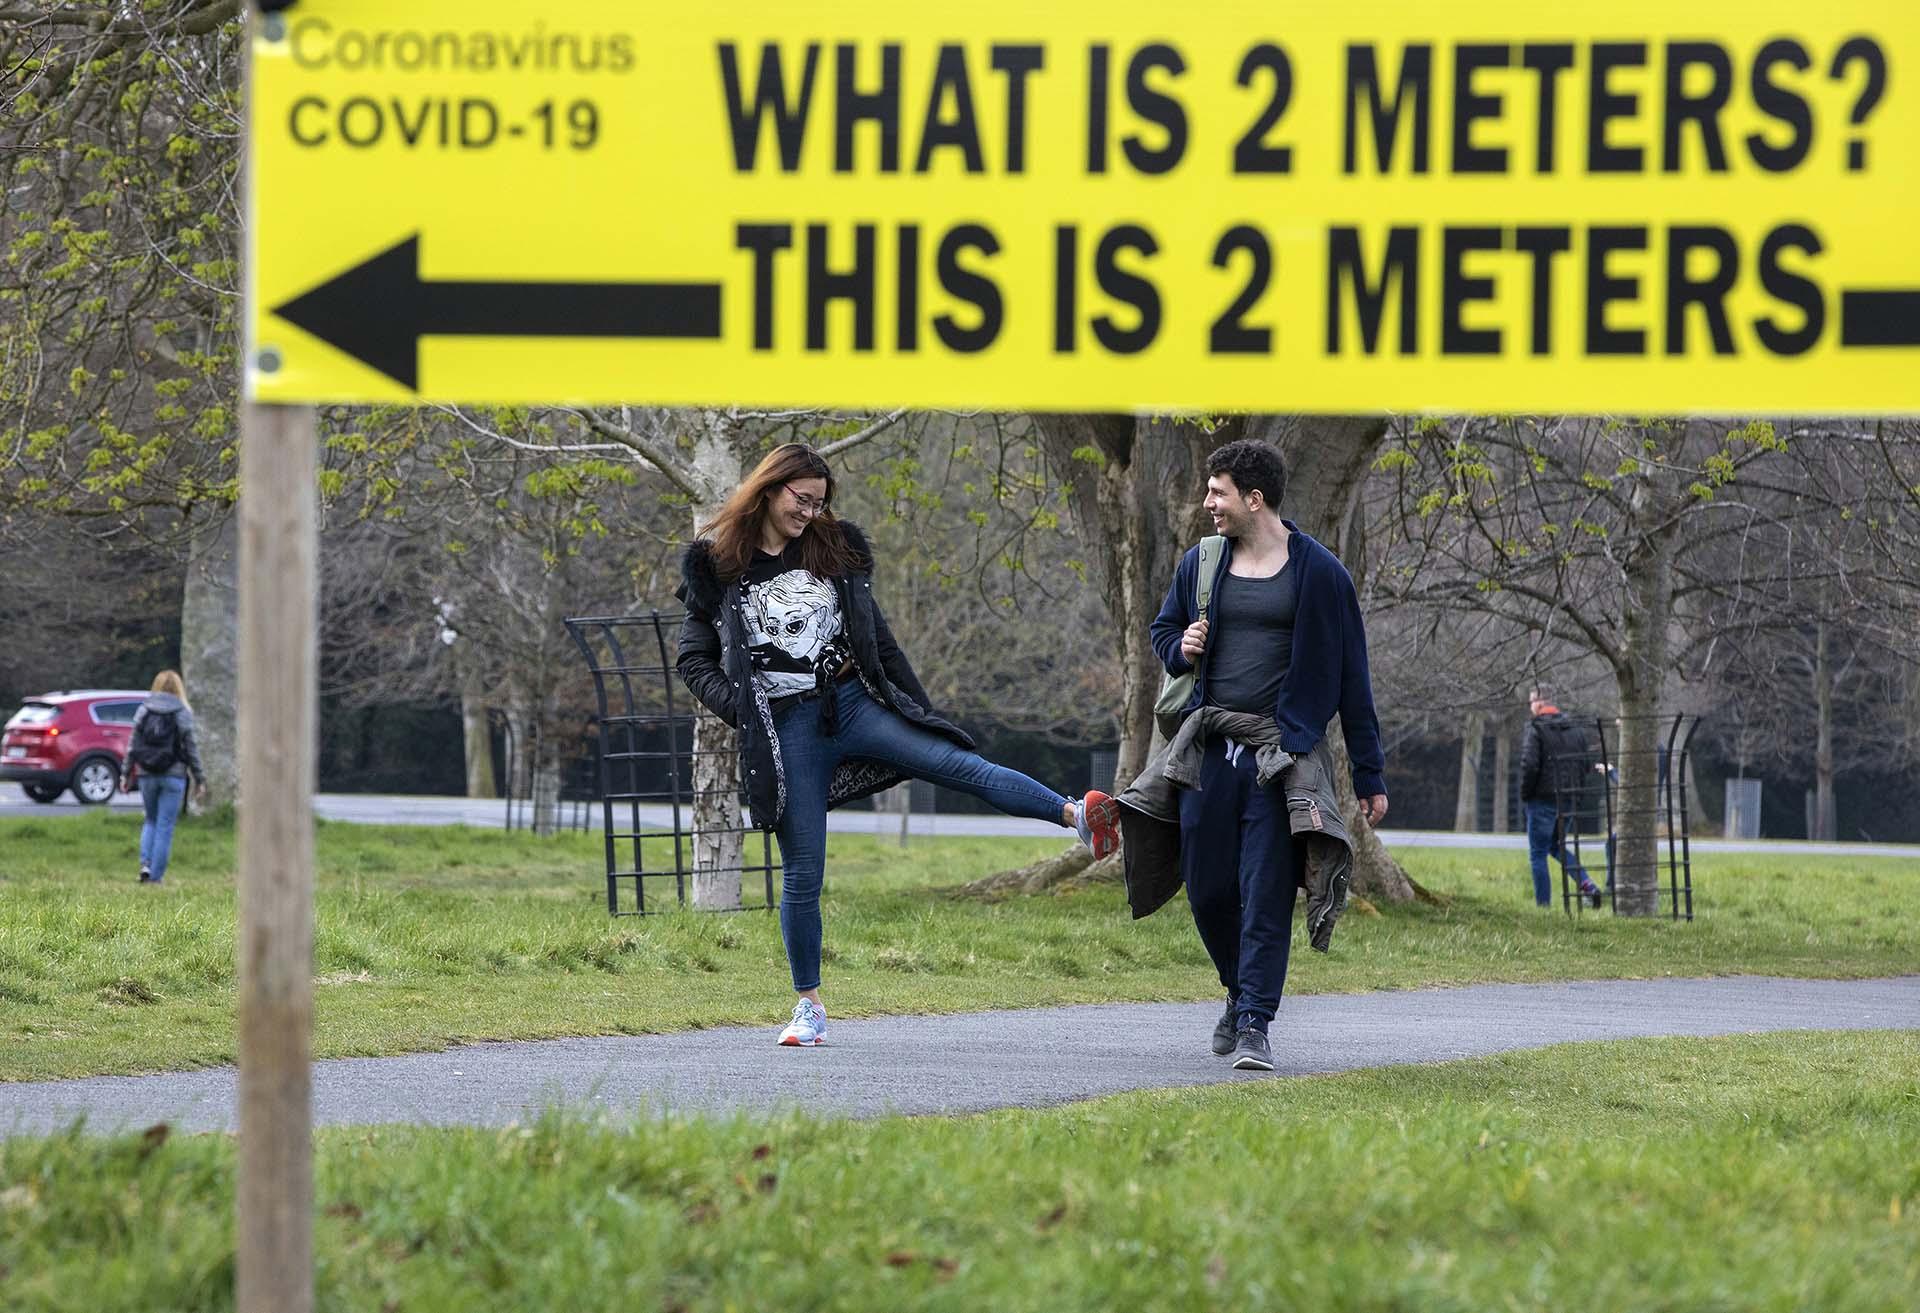 Una leyenda en un parque de Dublin señala las distancia de 2 metros, la zona de seguridad en tiempos de coronavirus,